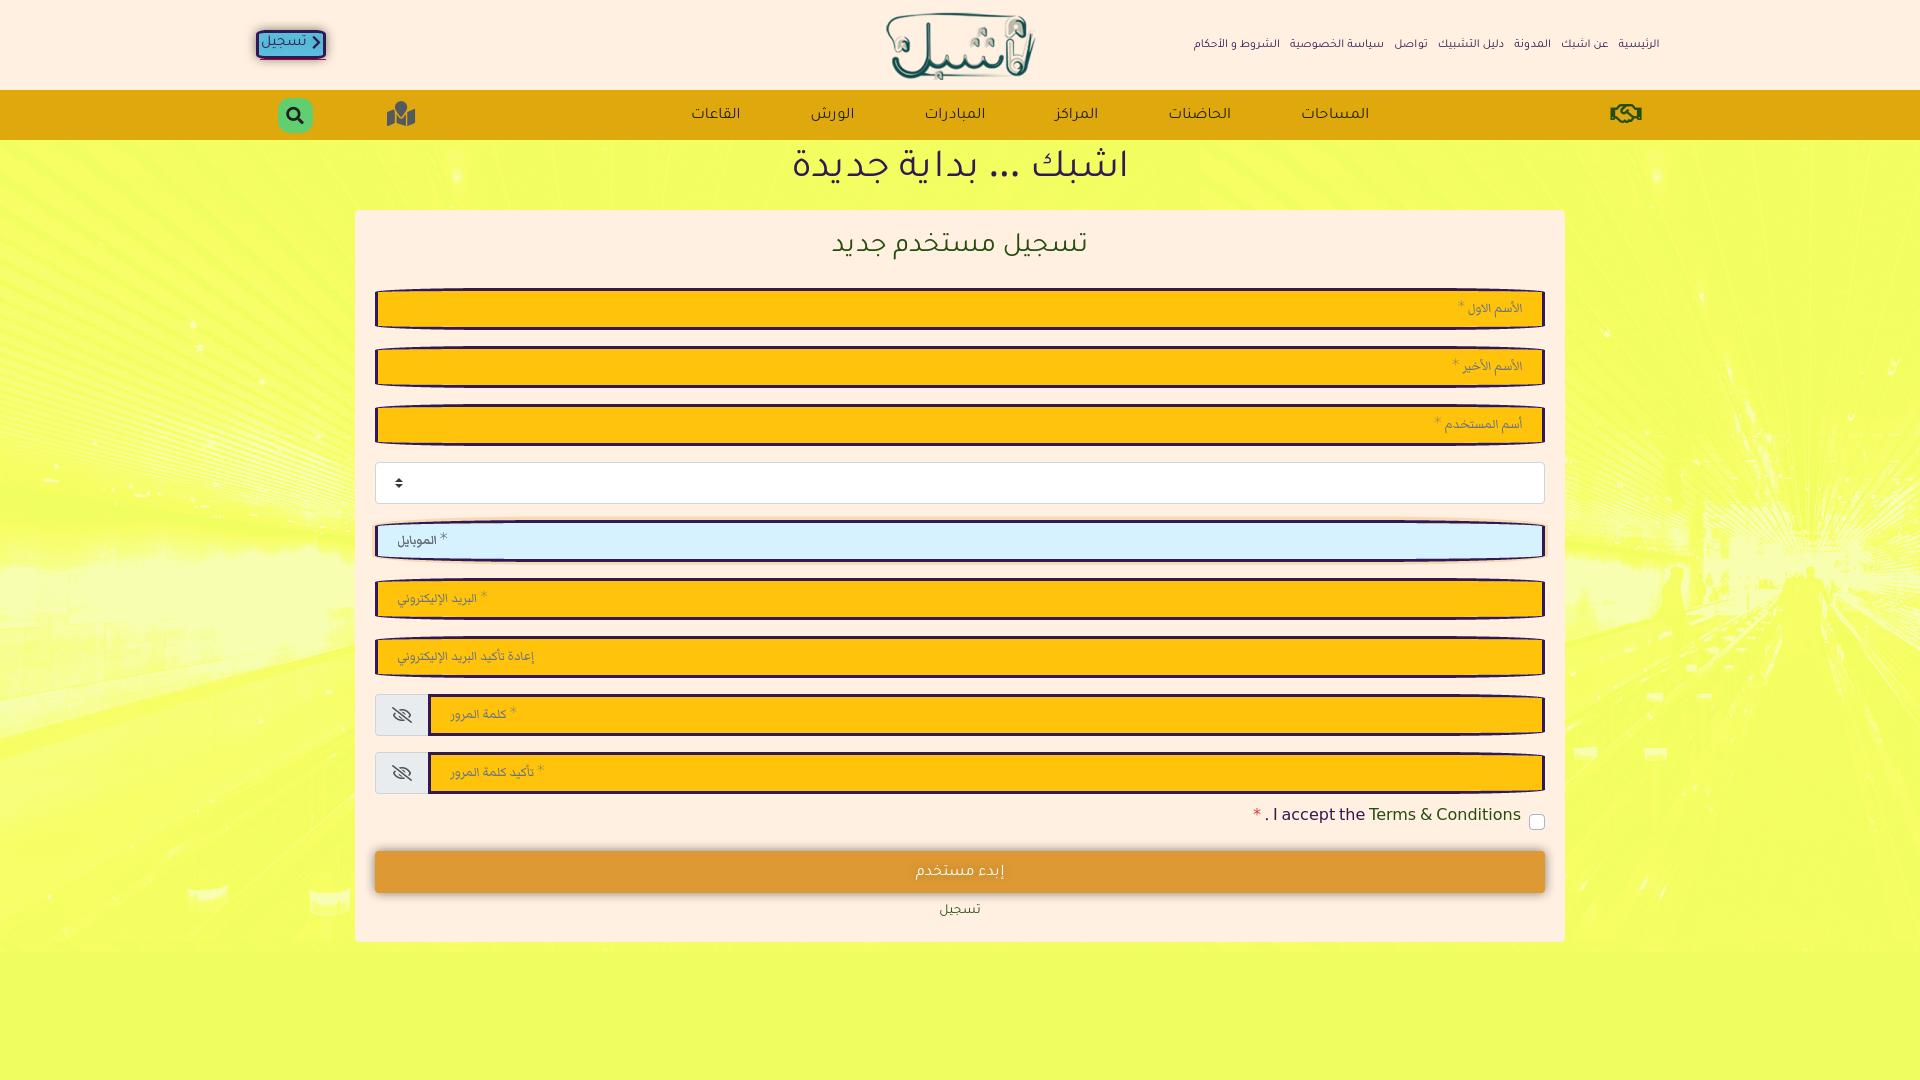 عن الموقع و خطوات التسجيل » اشبك